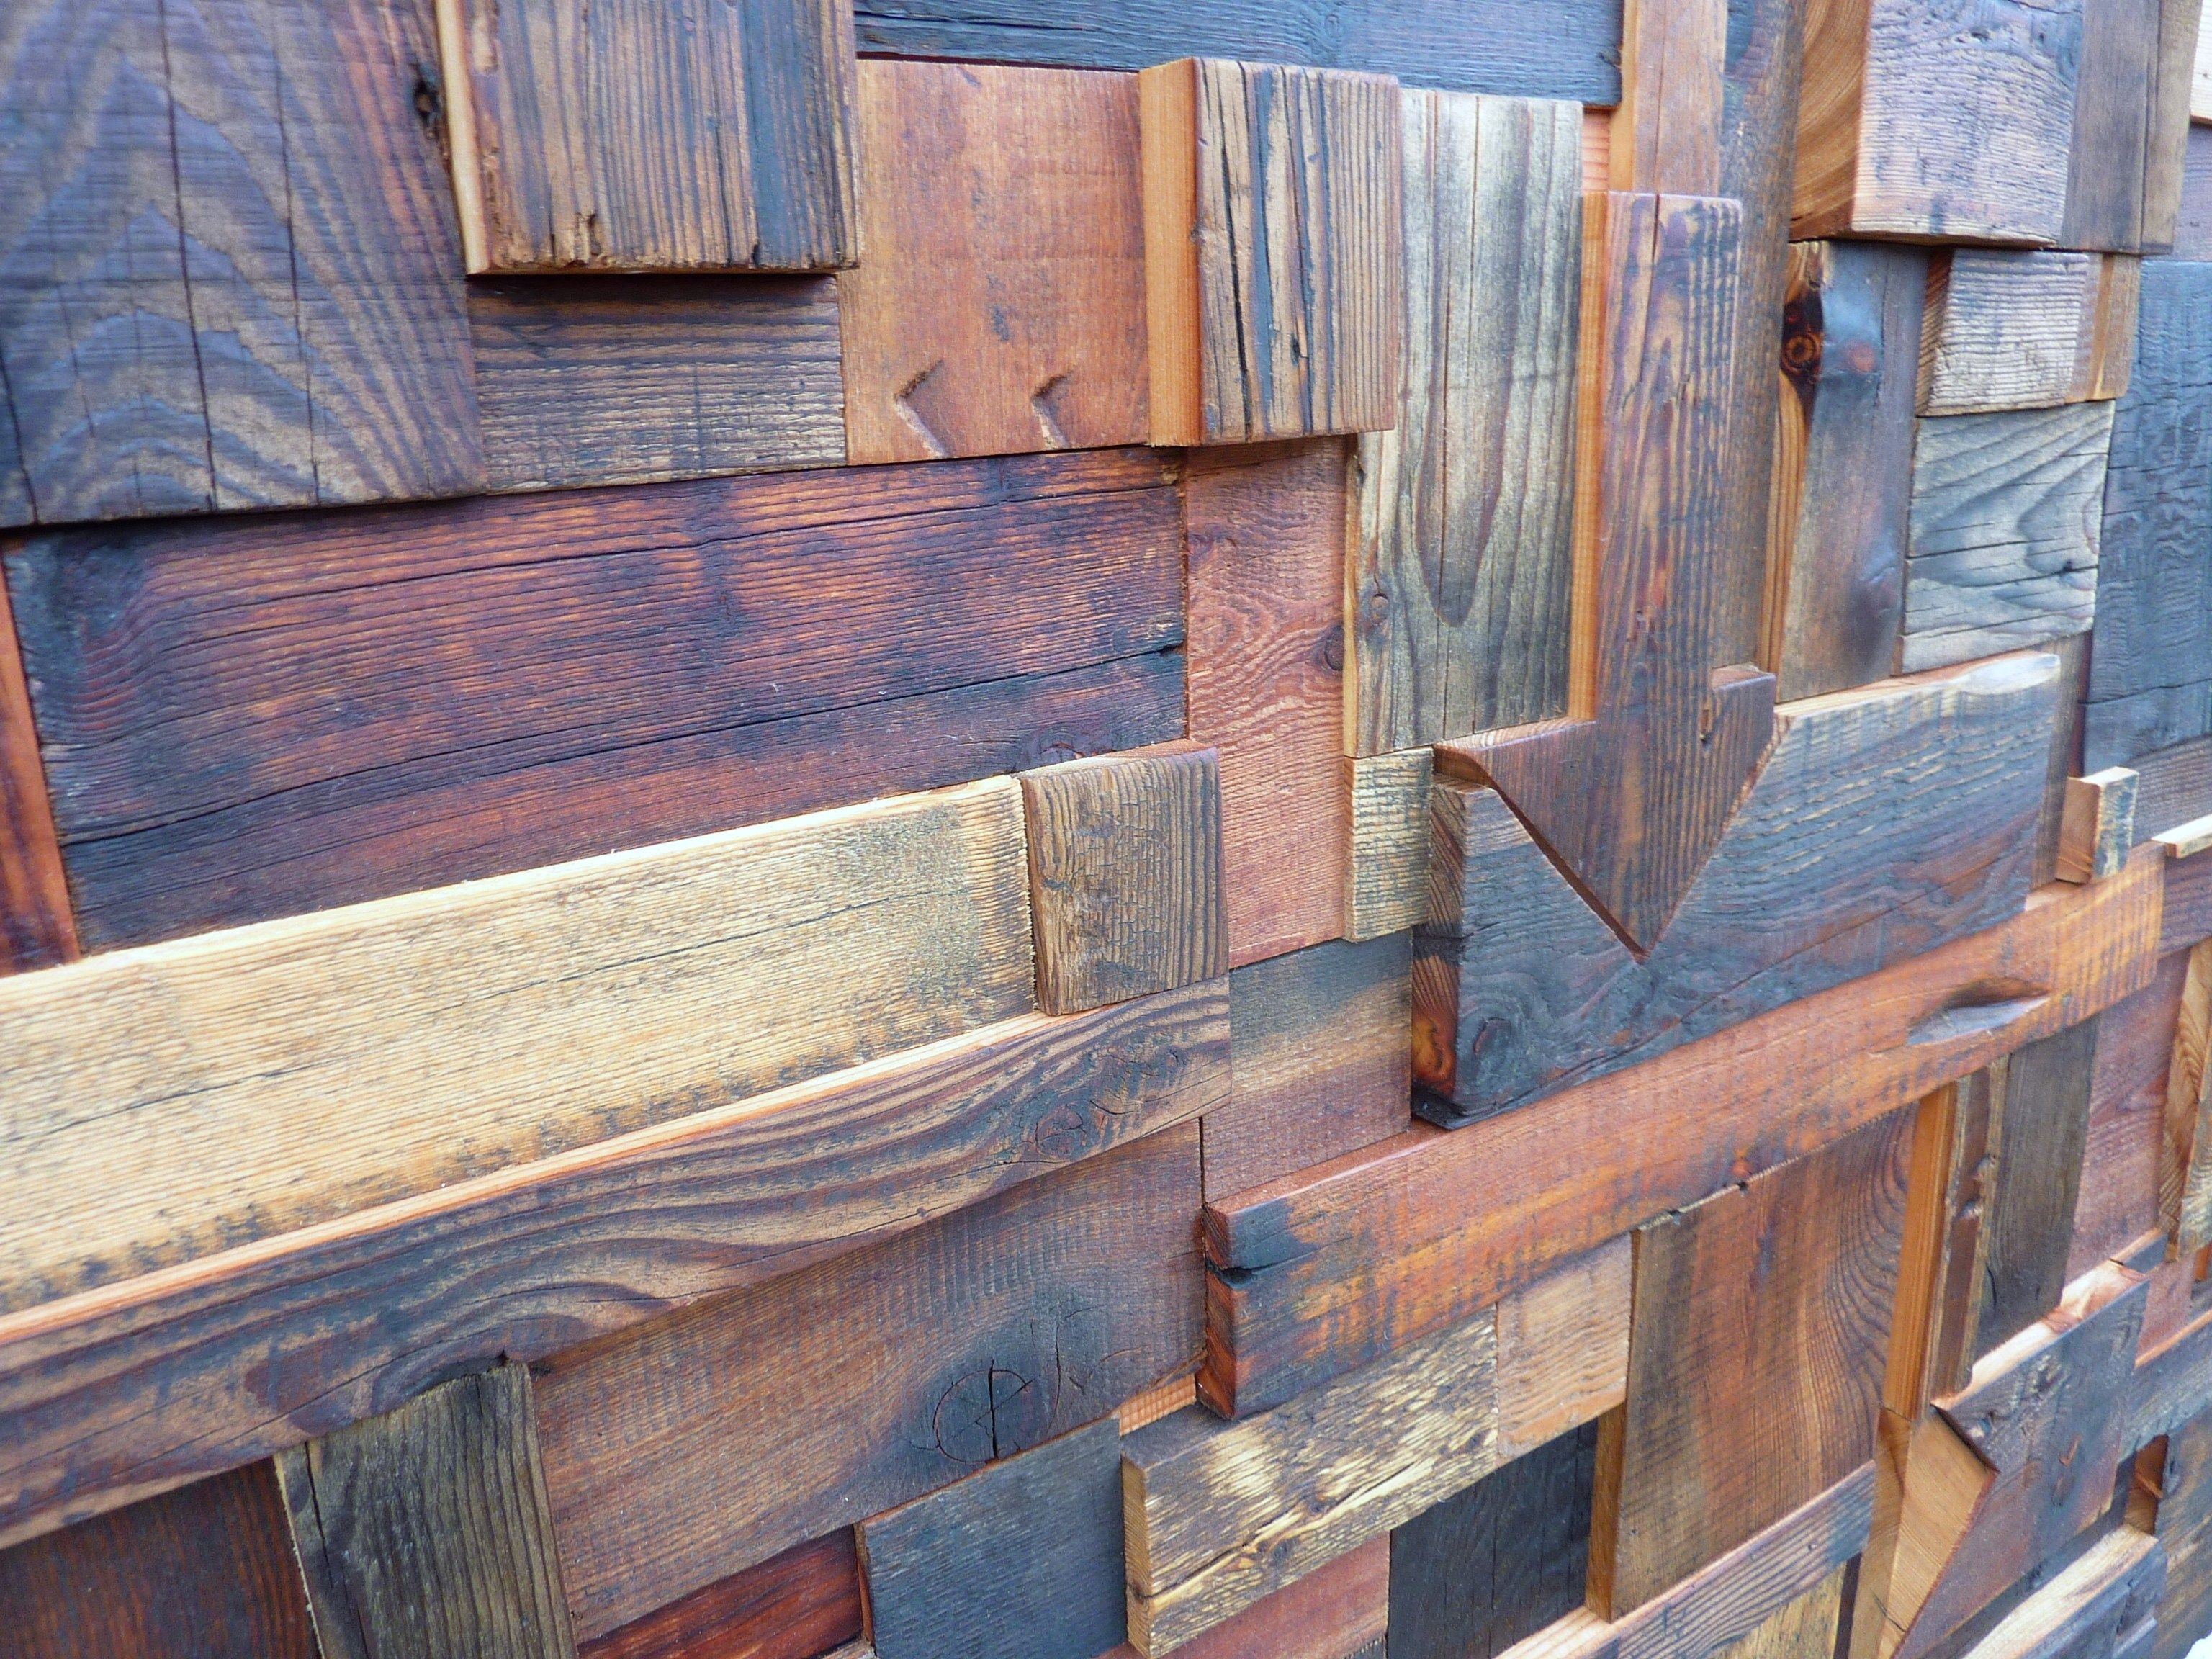 D coration murale composition abstraite en vieux bois for Decoration murale bois sculpte